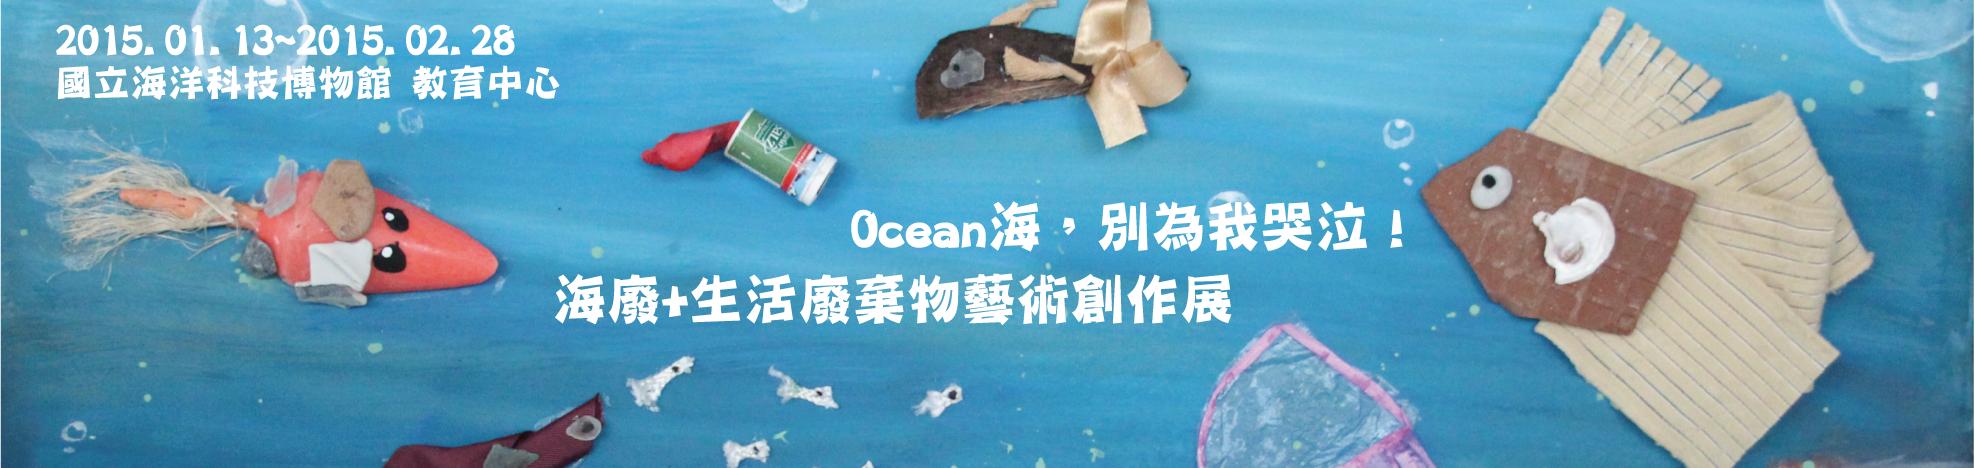 開新視窗,Ocean海,別為我哭泣!海廢+生活廢棄物藝術創作展